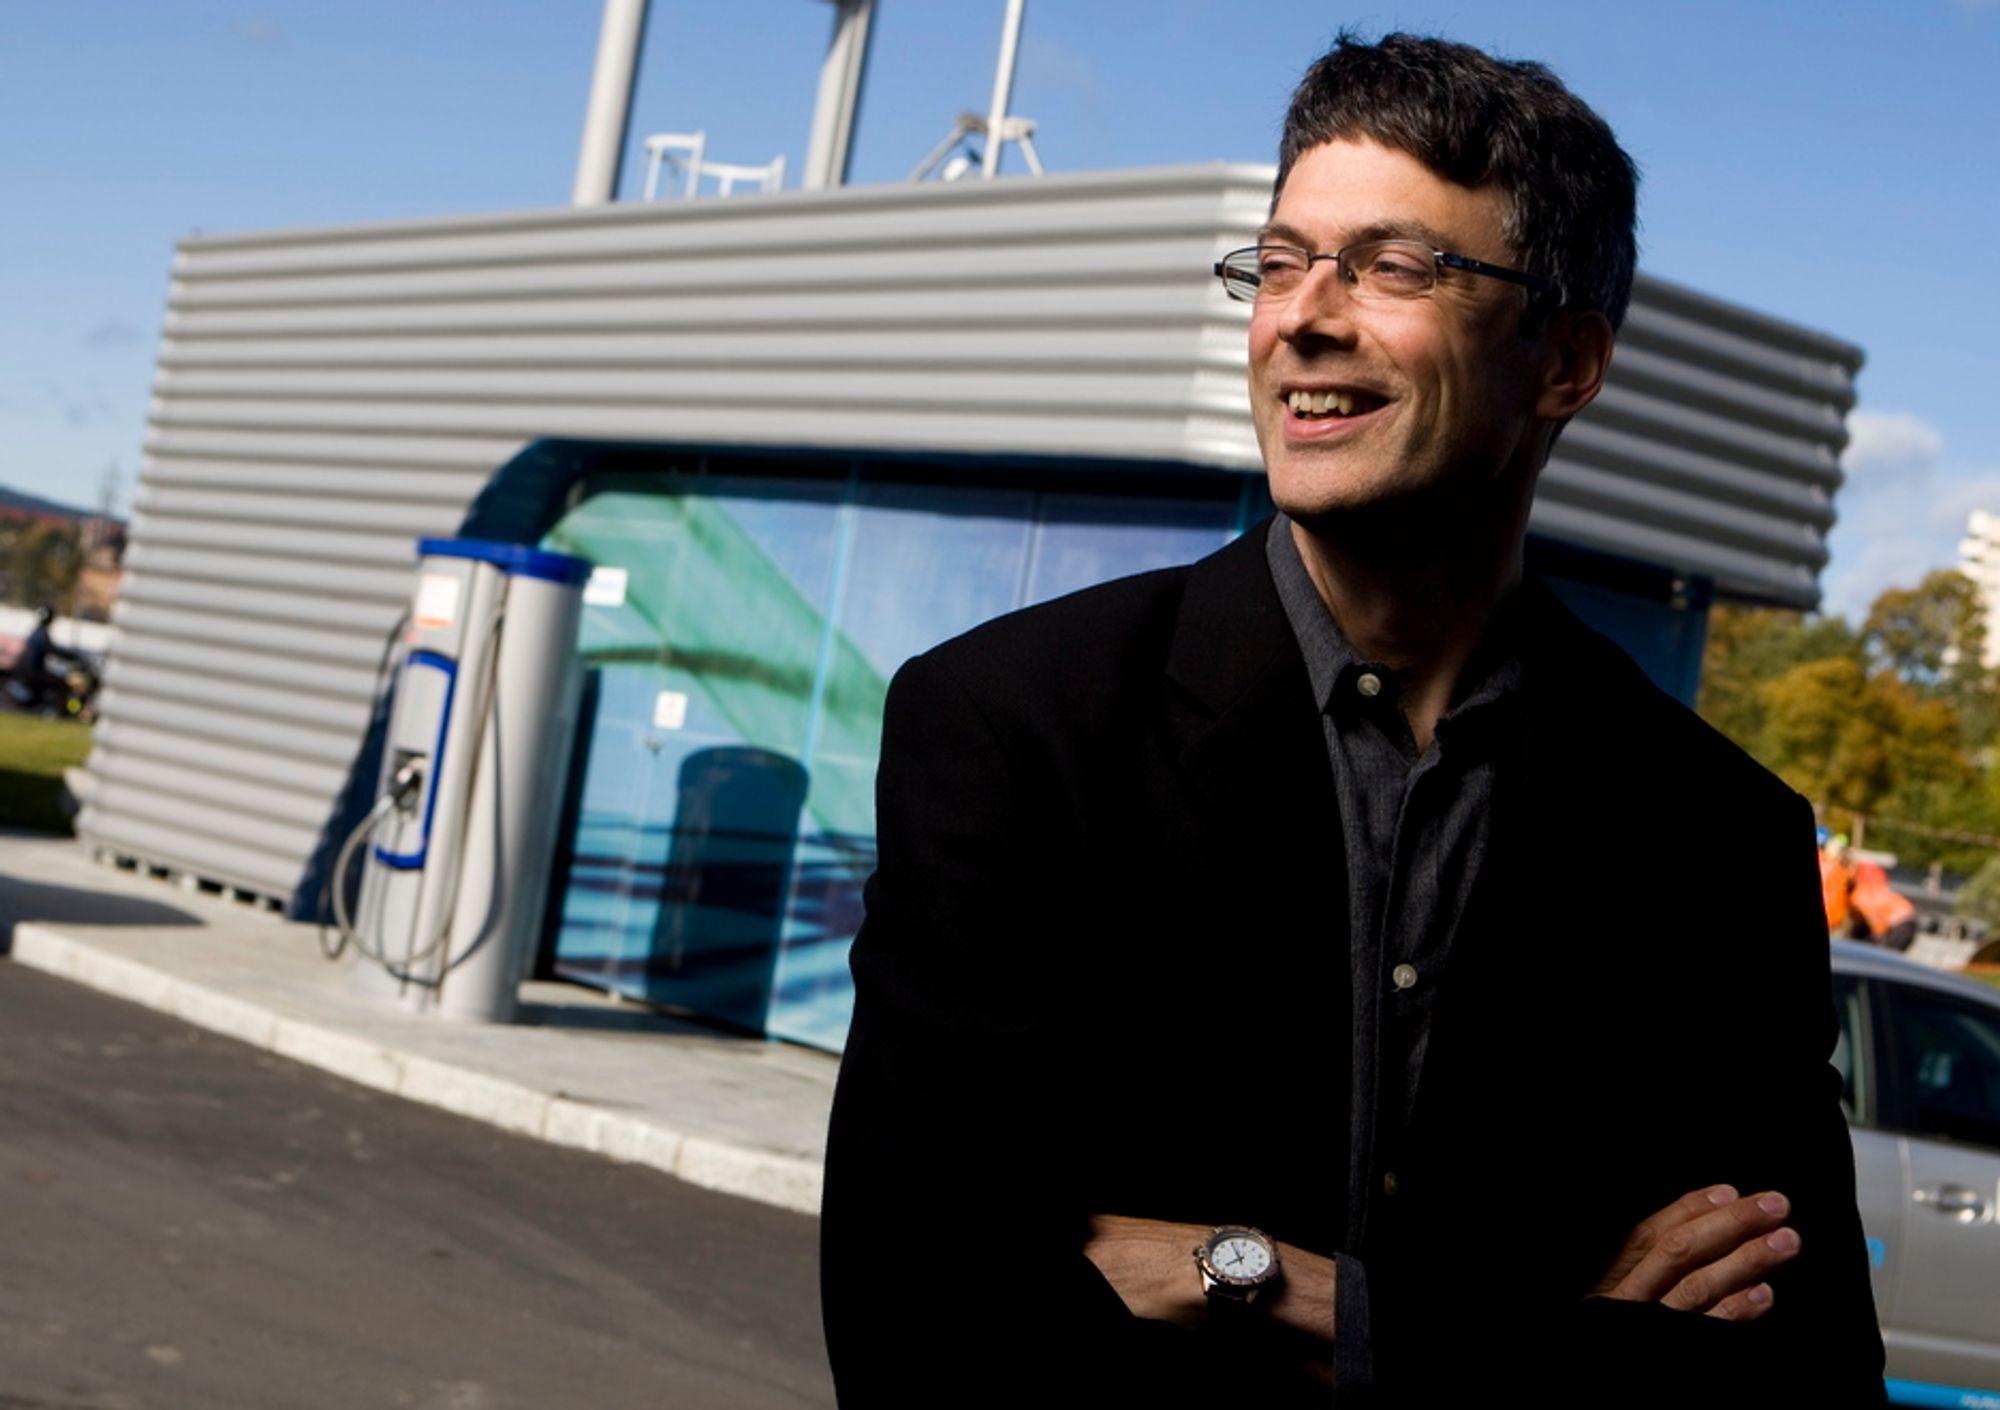 Per Espen Stoknes er styreformann i det norsk-britiske firmaet Gasplas. De har klart å framstille hydrogen fra metan- og naturgass uten utslipp av CO2, og med lav tilførsel av energi. Dette kan være et revolusjonerende gjennombrudd for hydrogen som drivstoff for biler.